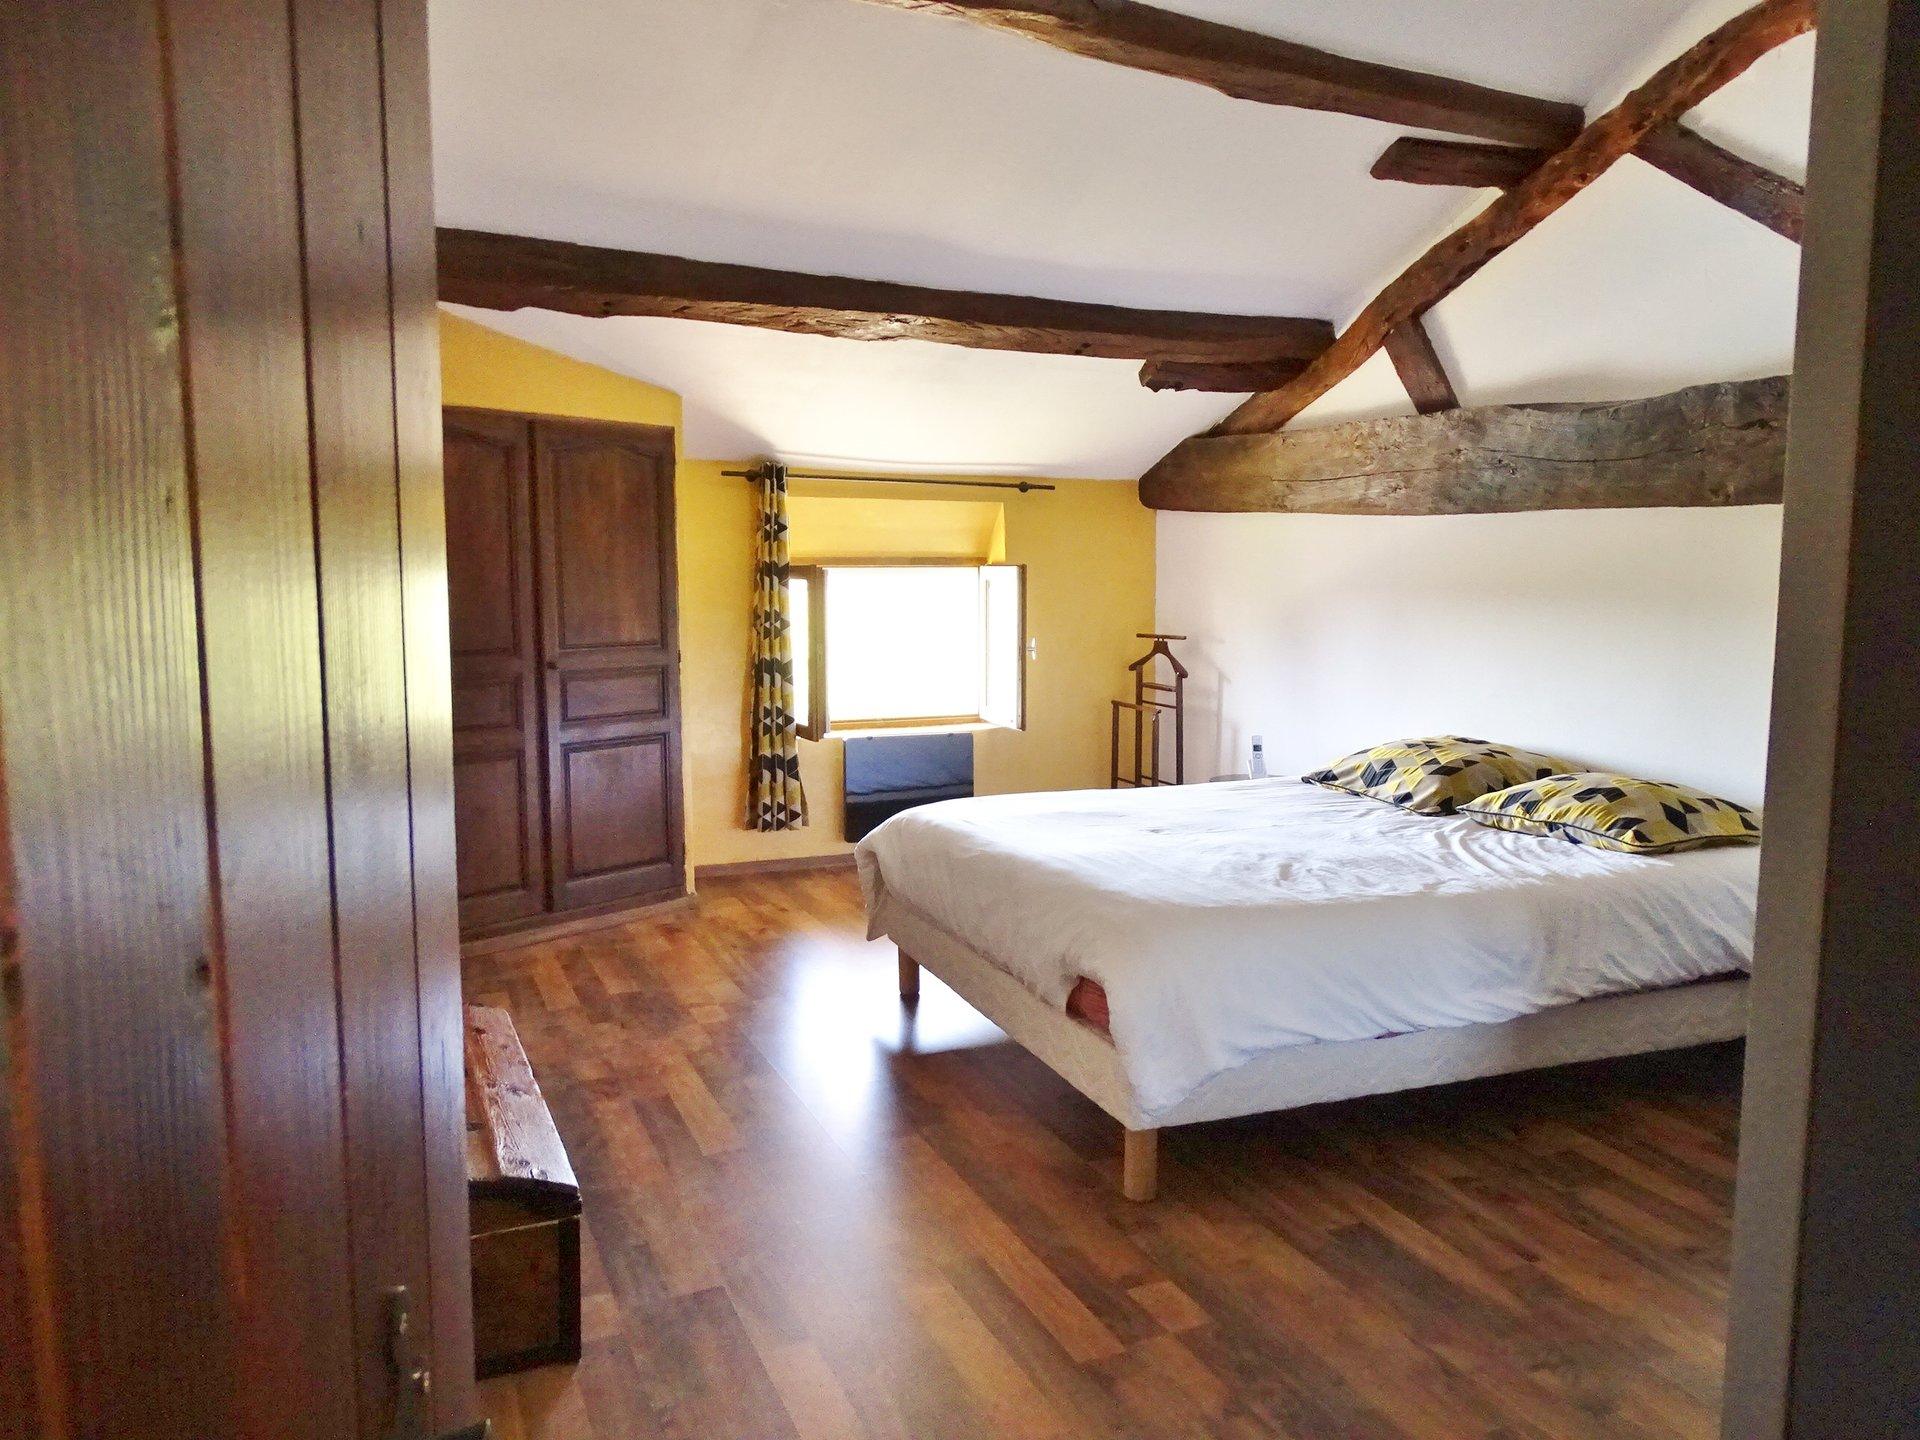 Venez découvrir cette ancienne ferme entièrement rénovée de 195 m². Elle offre de plain pied un séjour de 48 m² exposé Est/Ouest. Séparée par une très belle verrière en colombage, vous apprécierez cette cuisine entièrement équipée. De plain pied vous trouverez aussi une grande chambre (20 m²) ainsi que la salle de douche. L'étage offre 2 chambres (21 et 22 m²) et une vaste mezzanine de 44 m² avec possibilité de créer une 3e chambre et une salle de douche. Le haut ne manque pas non plus de charme avec cette magnifique charpente apparente. Sur un terrain au calme absolu de 2770 m² environ vous apprécierez cette grande terrasse bien exposée et sa belle piscine. Un four à pain, un garage de presque 60 m², une dépendance de 135 m² ainsi que de nombreuses zones de rangements finissent de compléter idéalement ce bien. Honoraires à la charge des vendeurs.